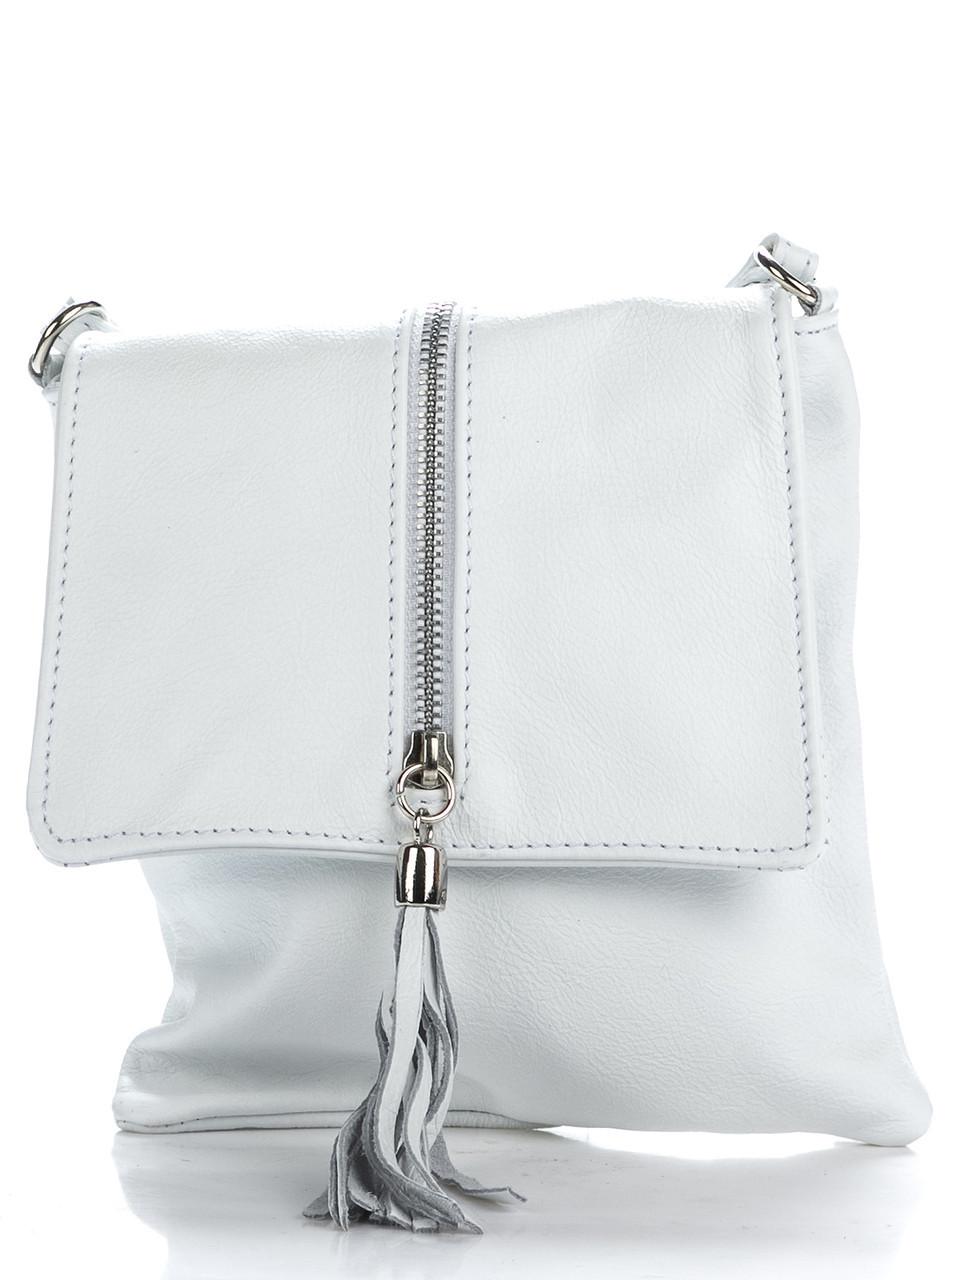 Кожаная сумка SAMIRA Diva's Bag белая